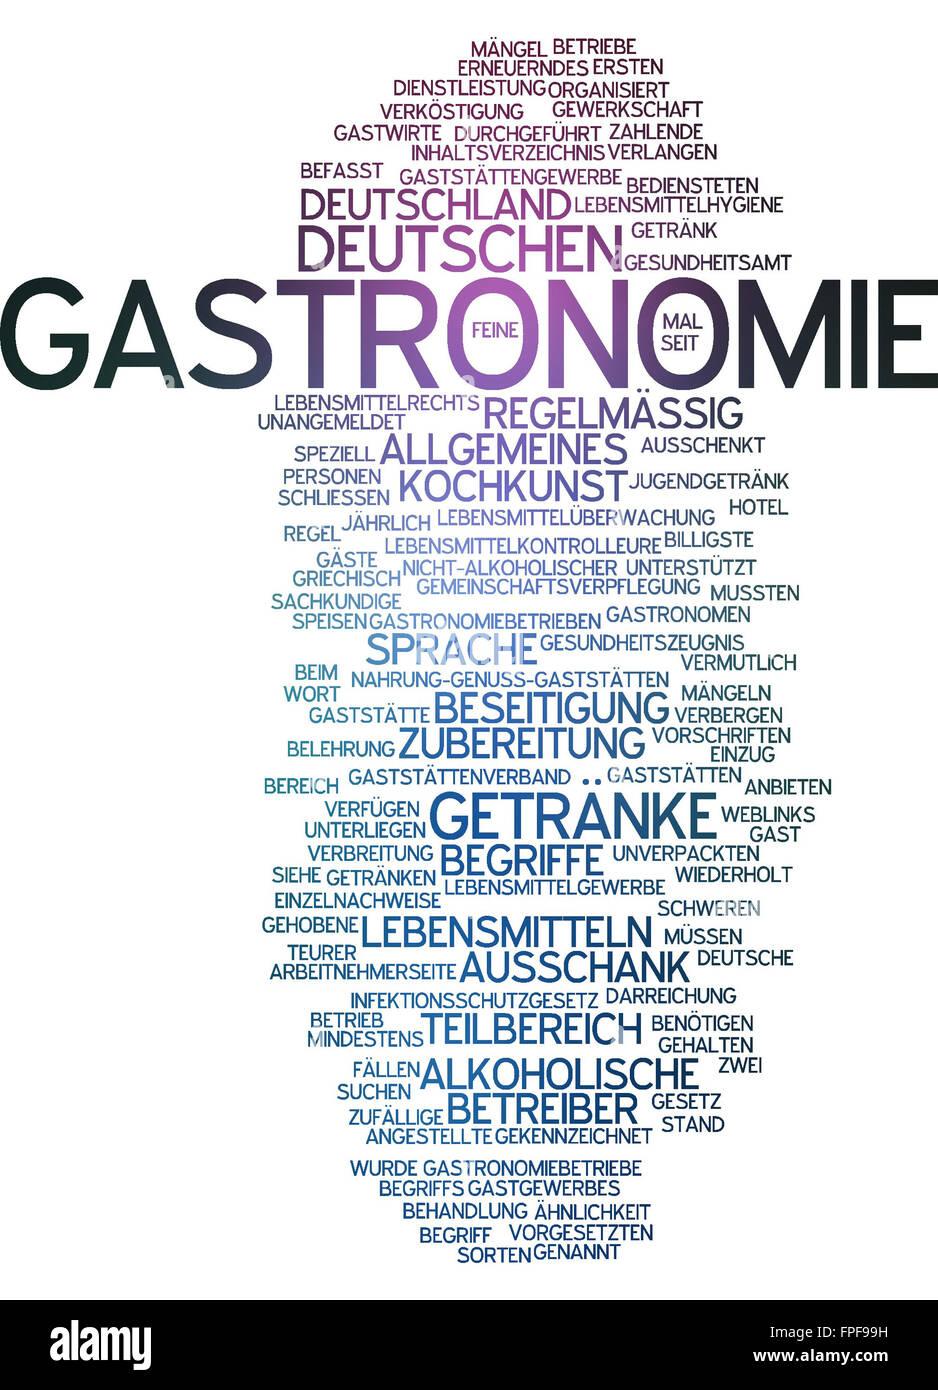 Gastronomie Gastronom Getränk Getränke Speisen Stock Photo: 99910877 ...